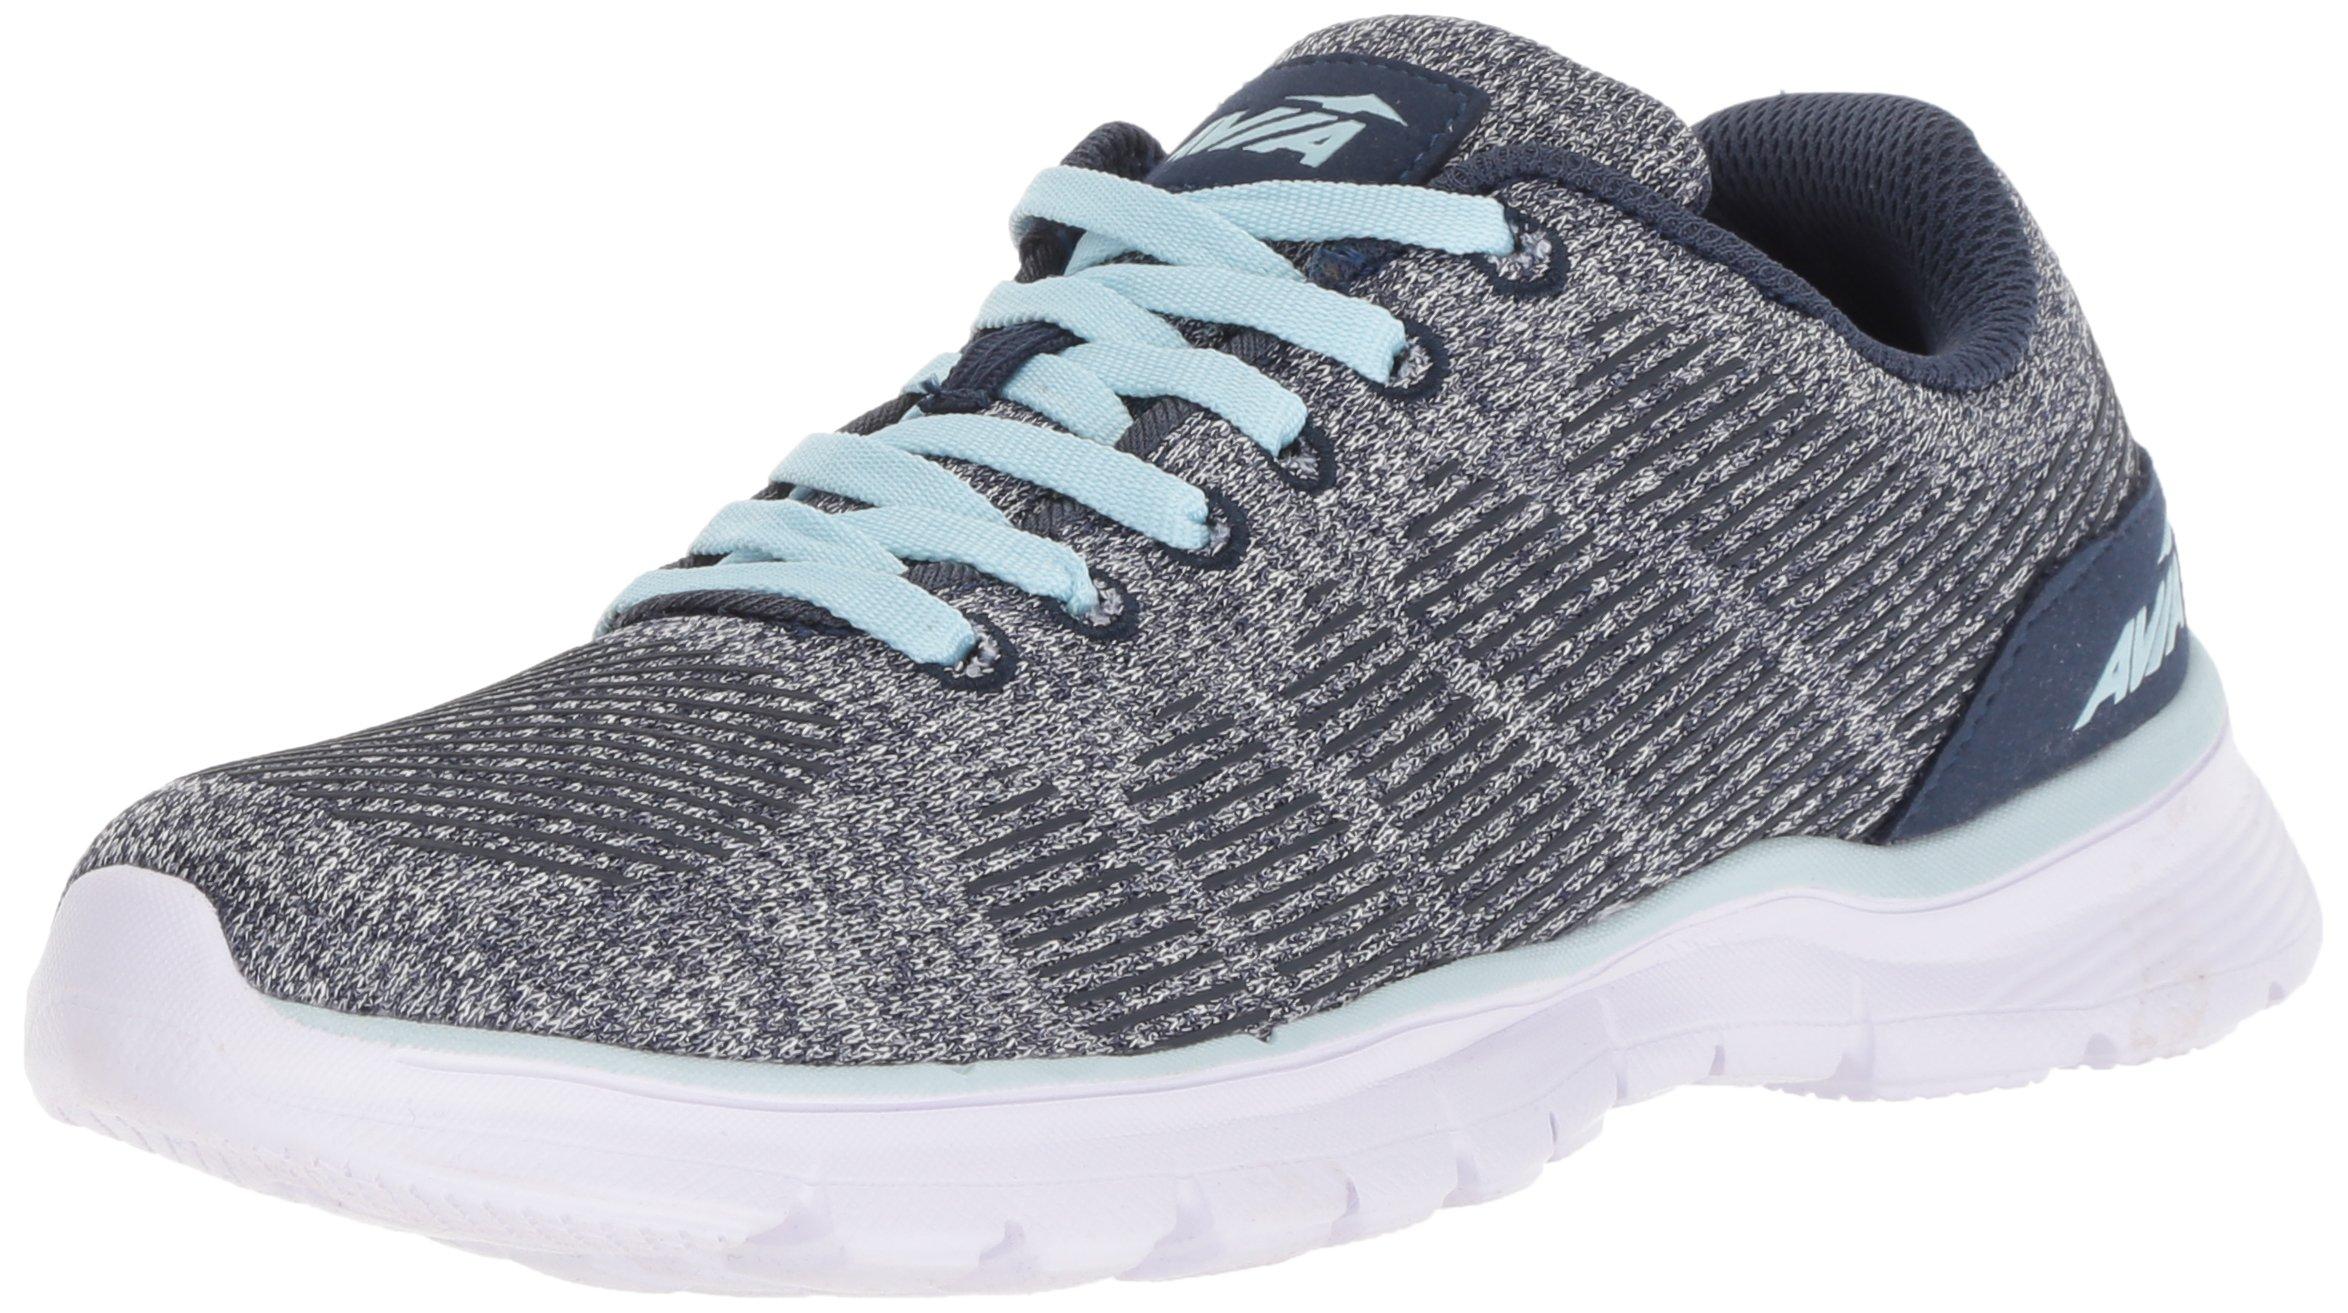 Avia Women's Avi-Rift Running Shoe, Insignia Blue/Chiffon Blue, 8.5 M US by Avia